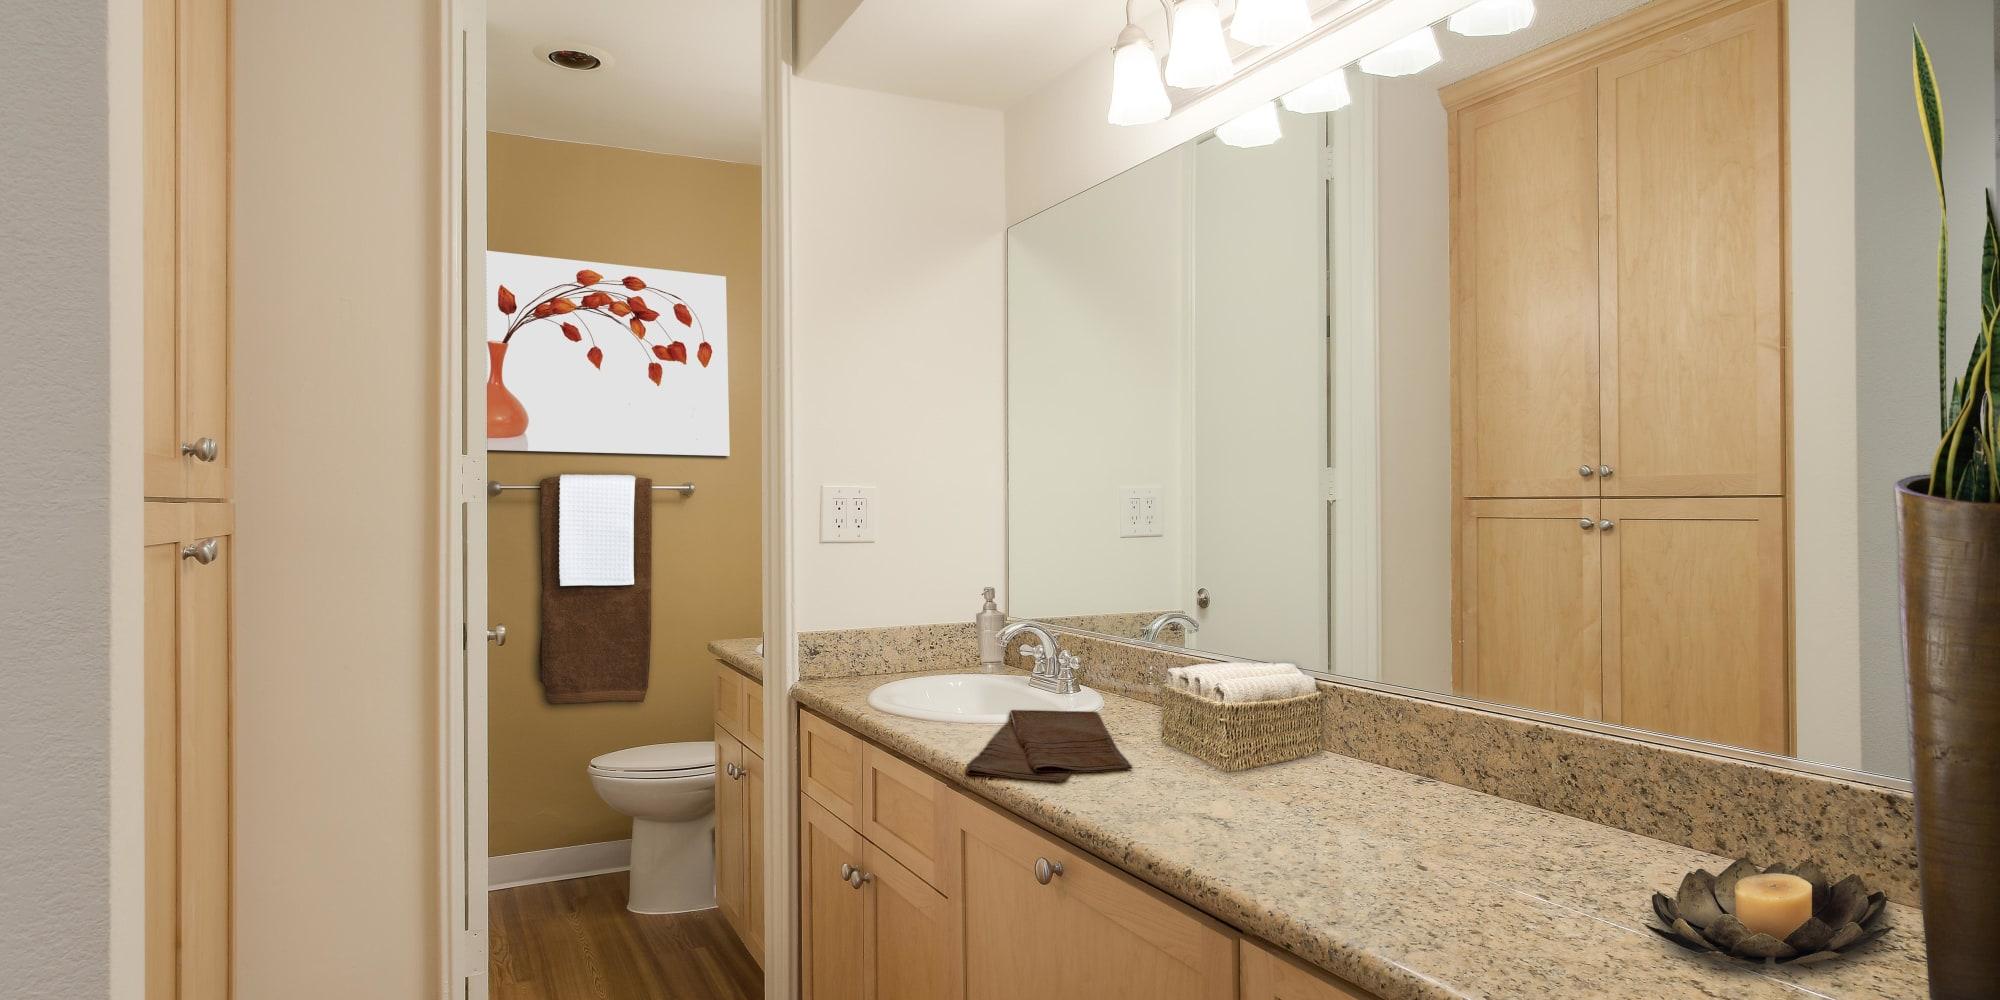 Spacious primary bathroom in a model home at Rancho Los Feliz in Los Angeles, California